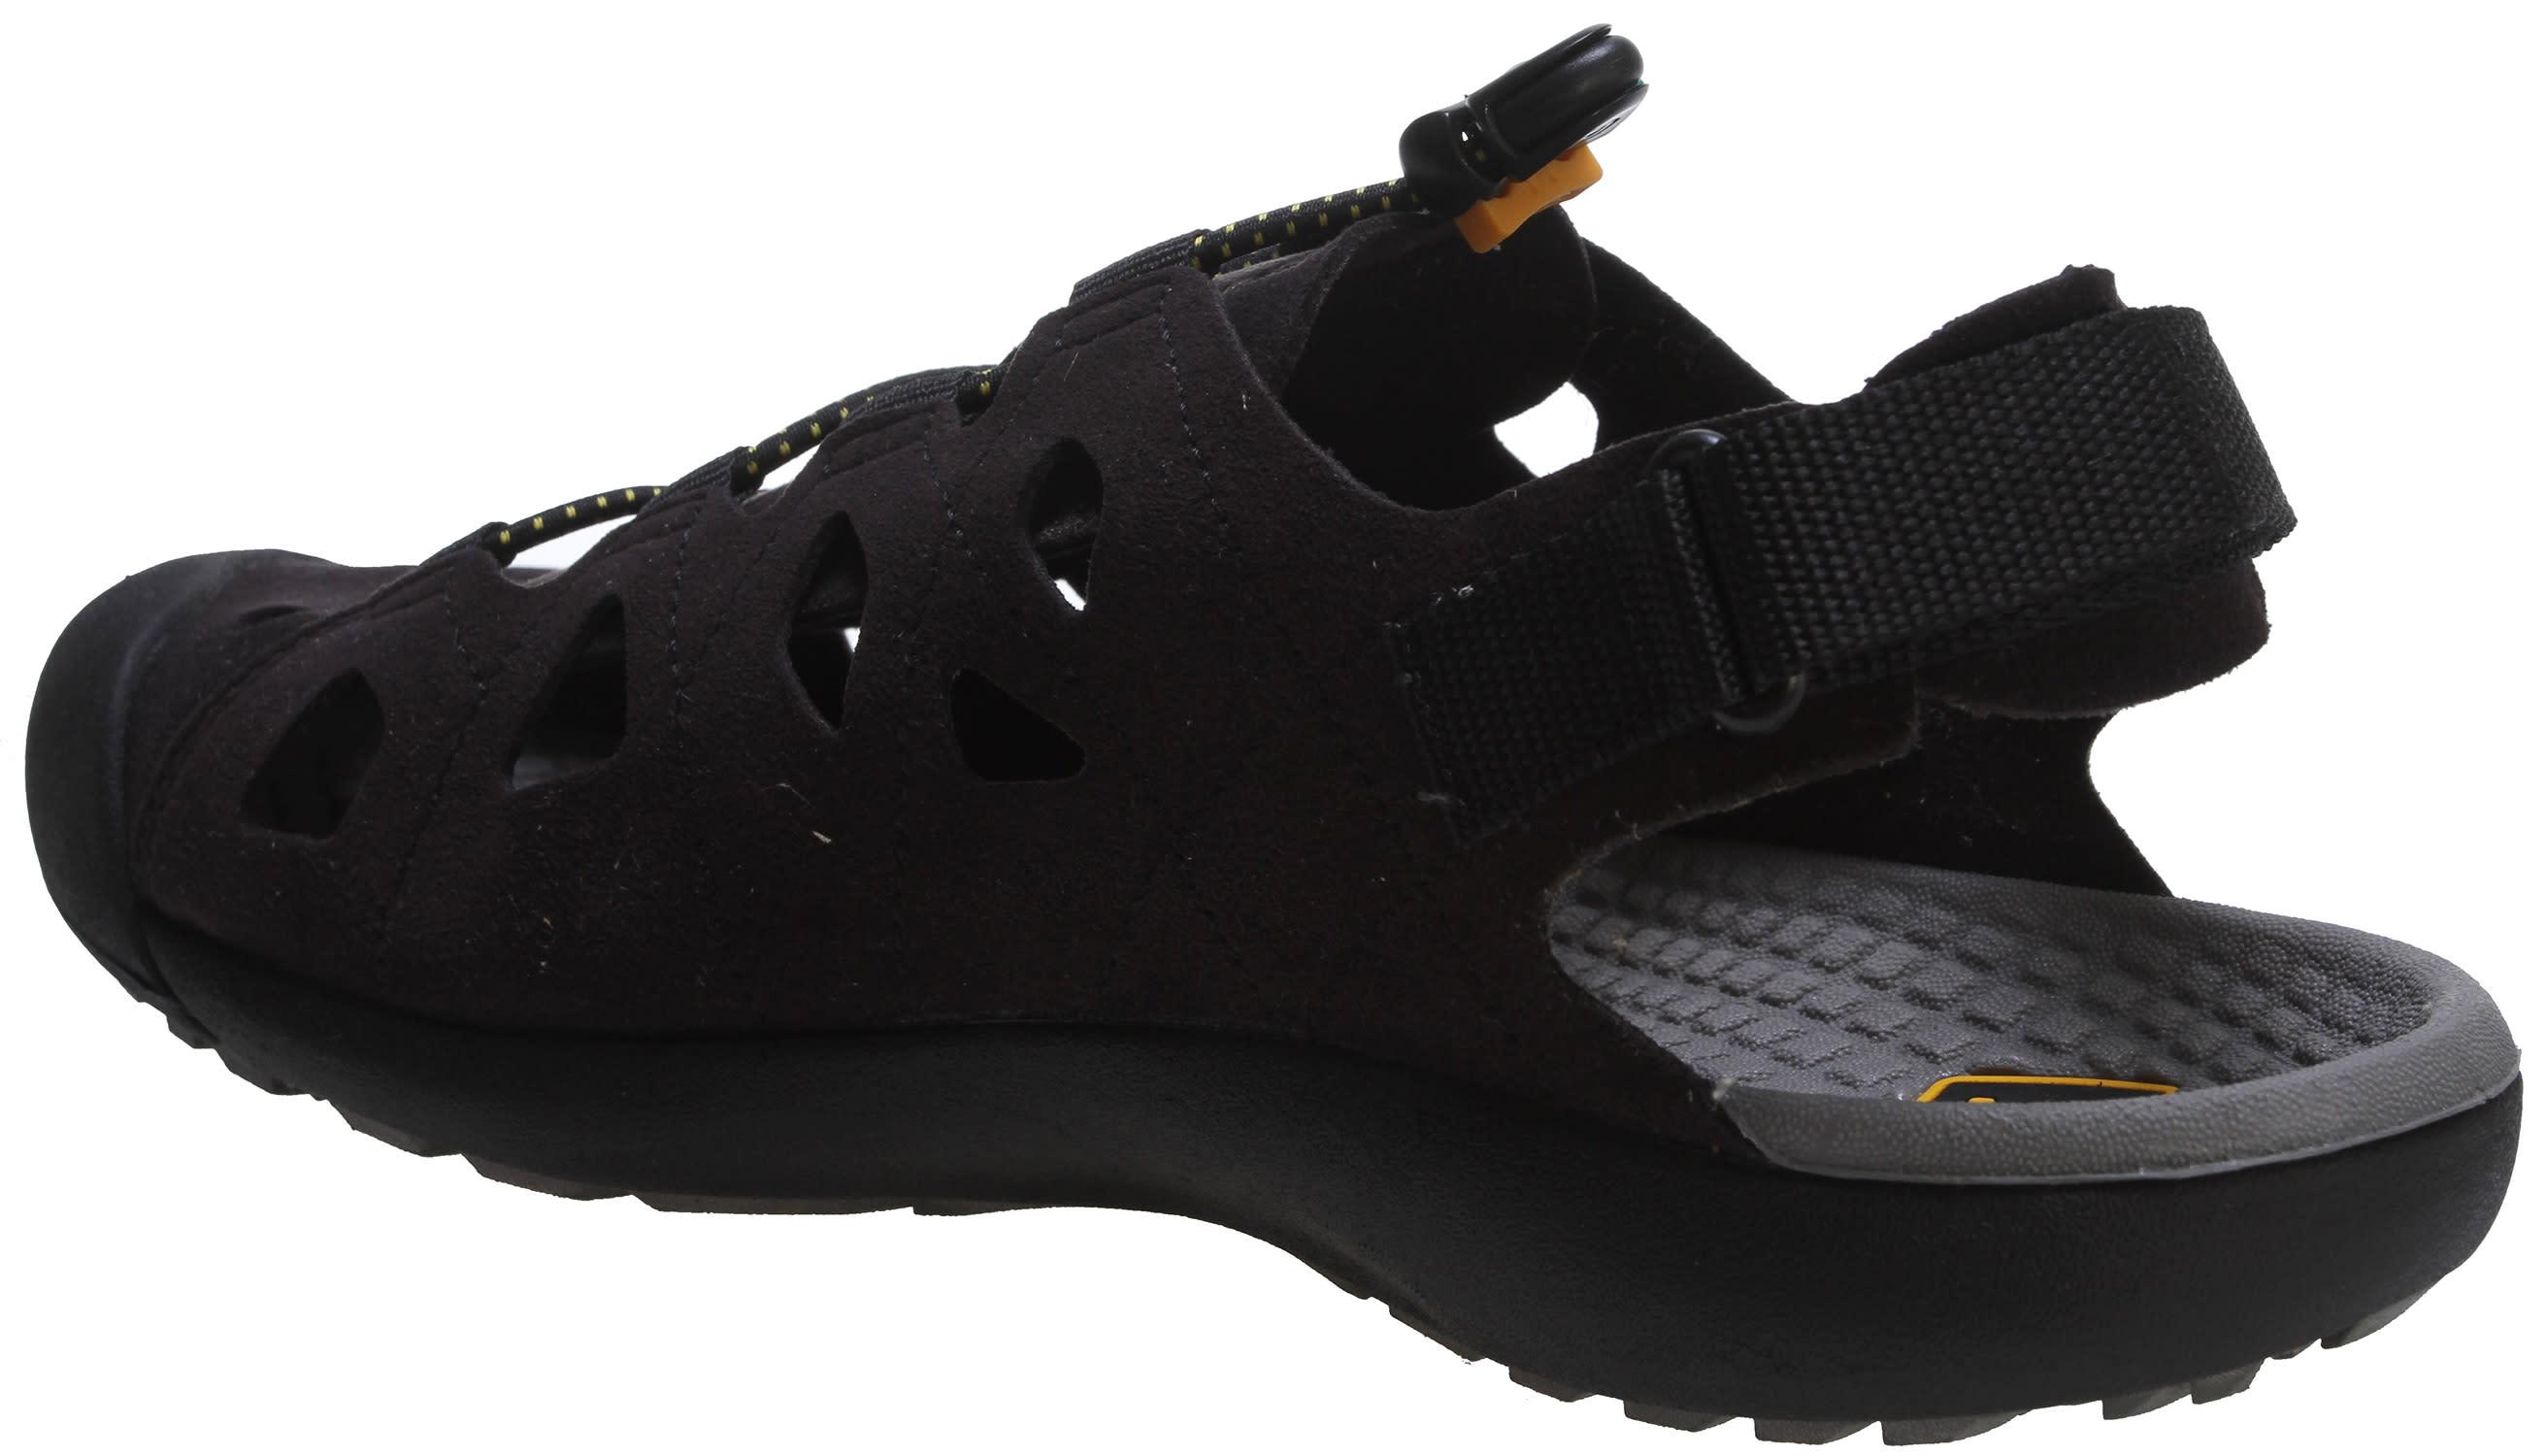 ef44ab03e399 Keen Class 5 Water Sandals - thumbnail 3